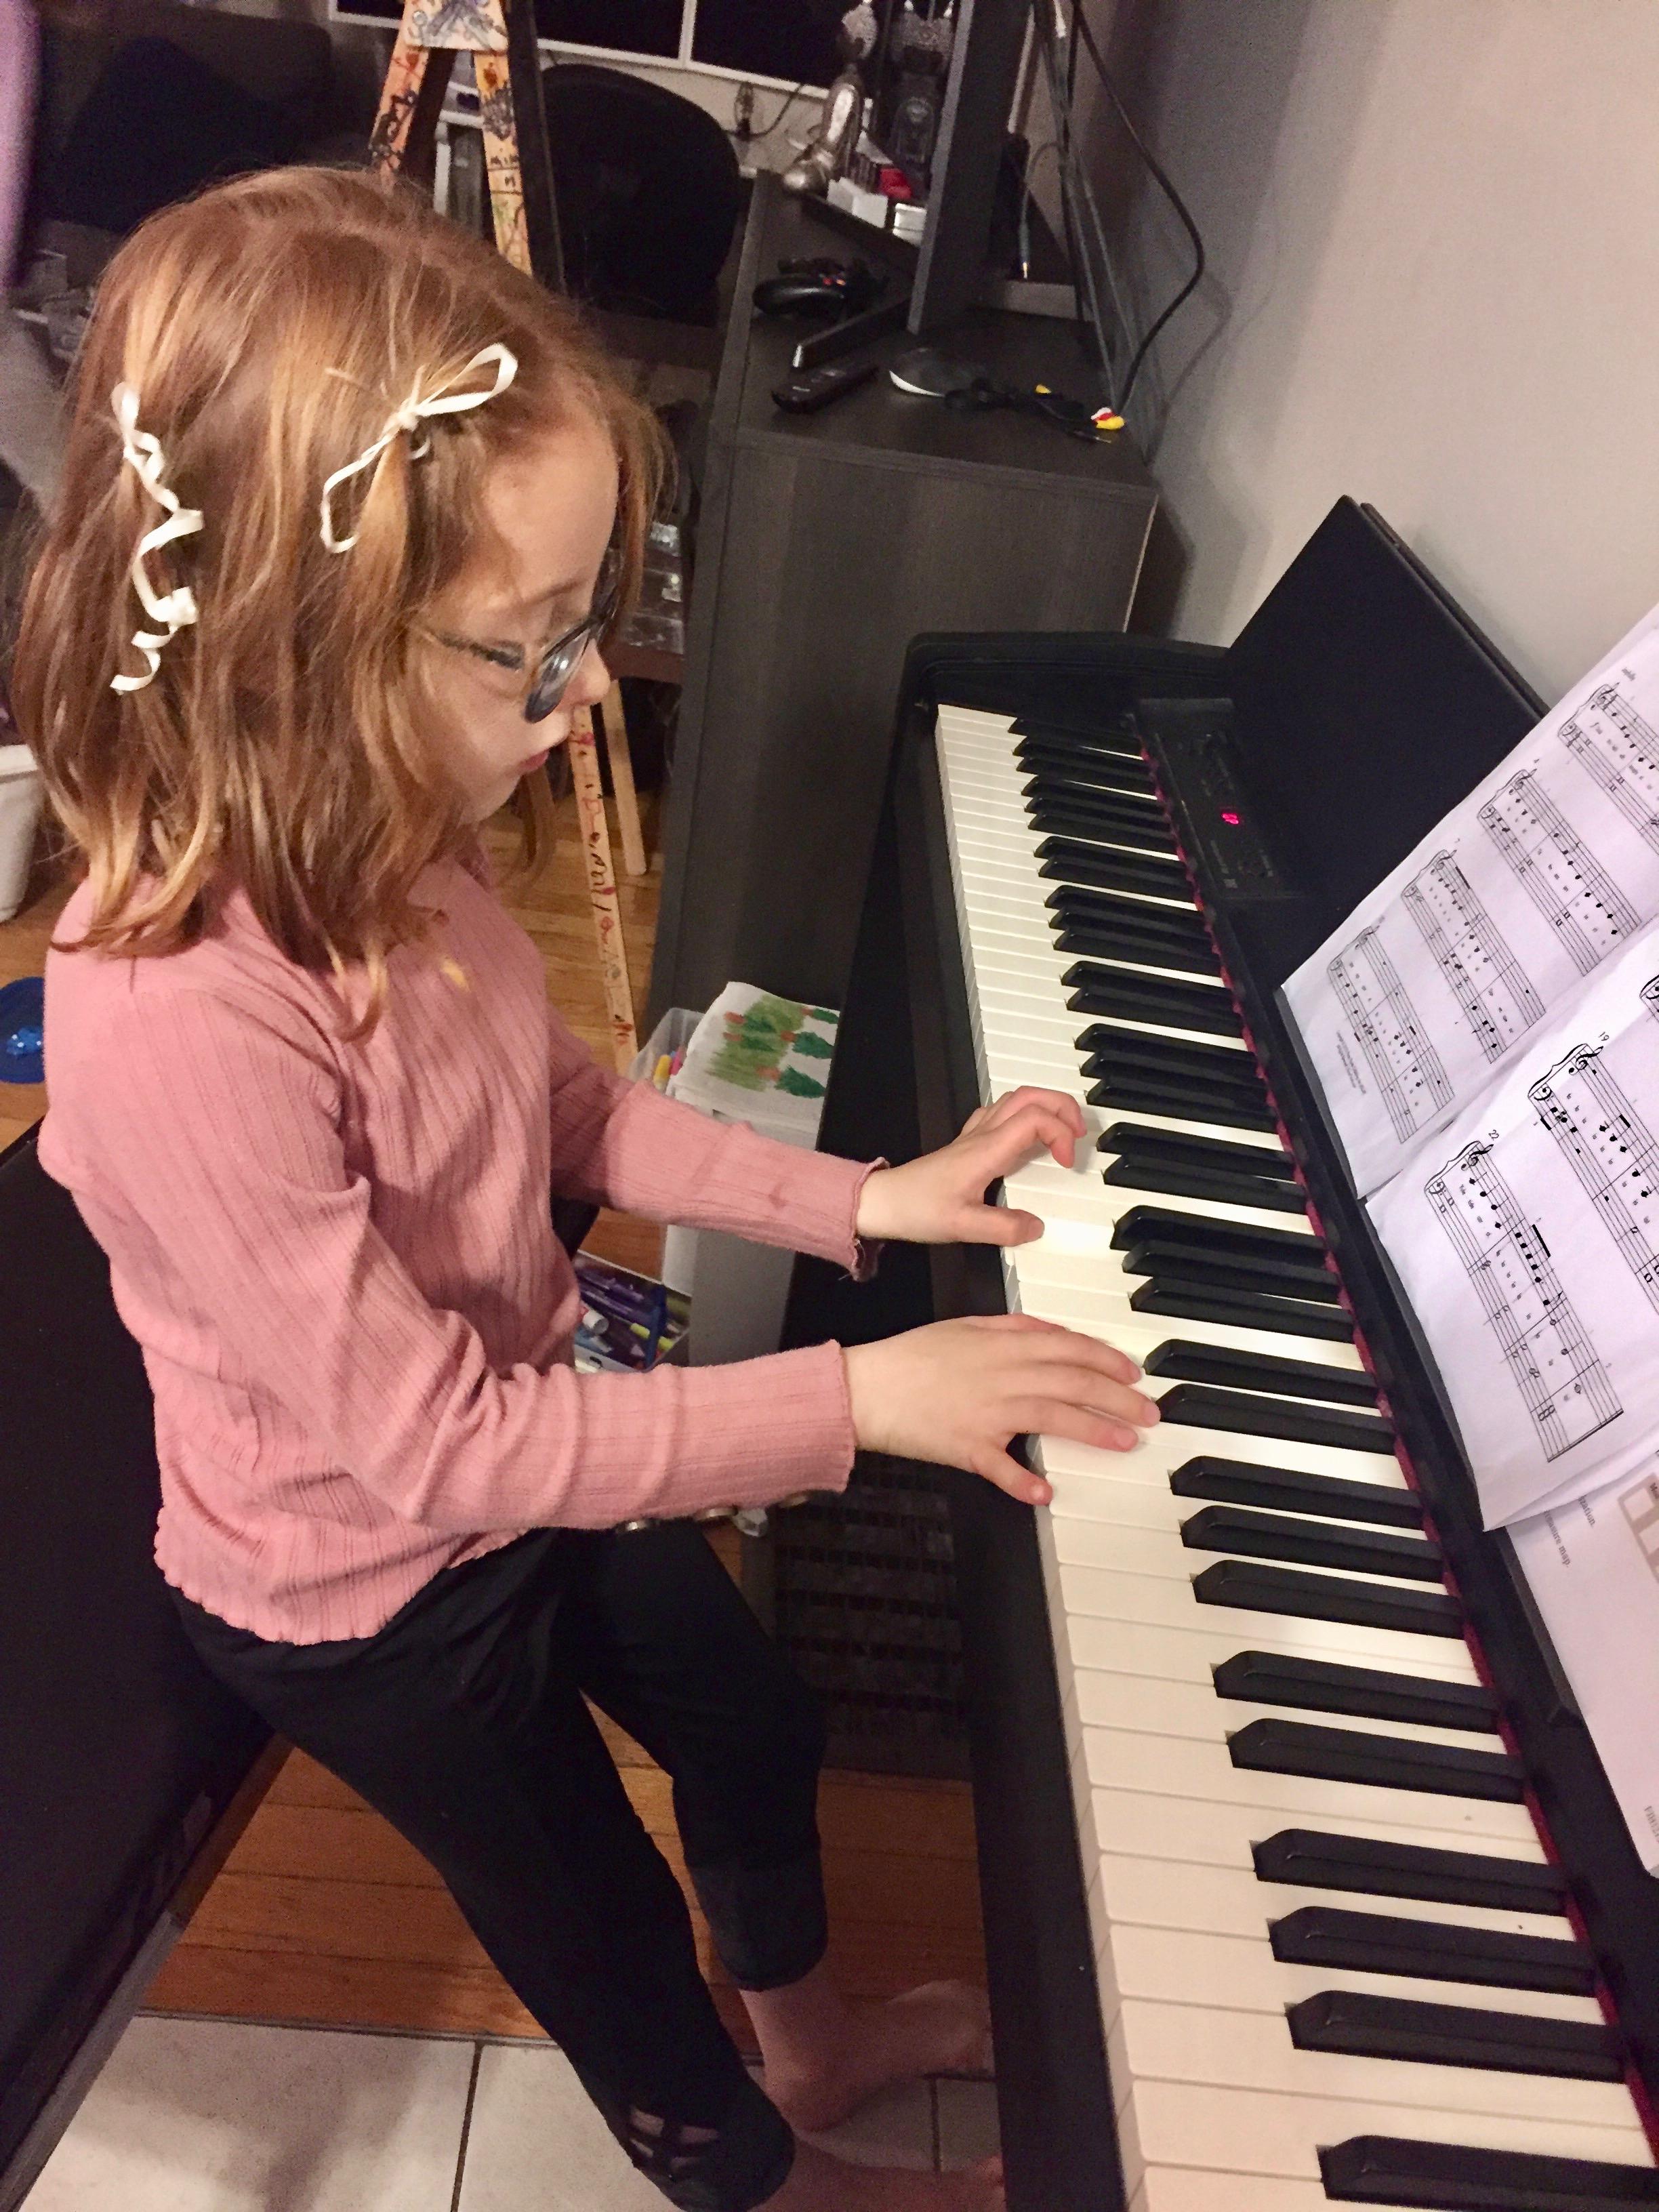 2019 - Mila - Piano practice